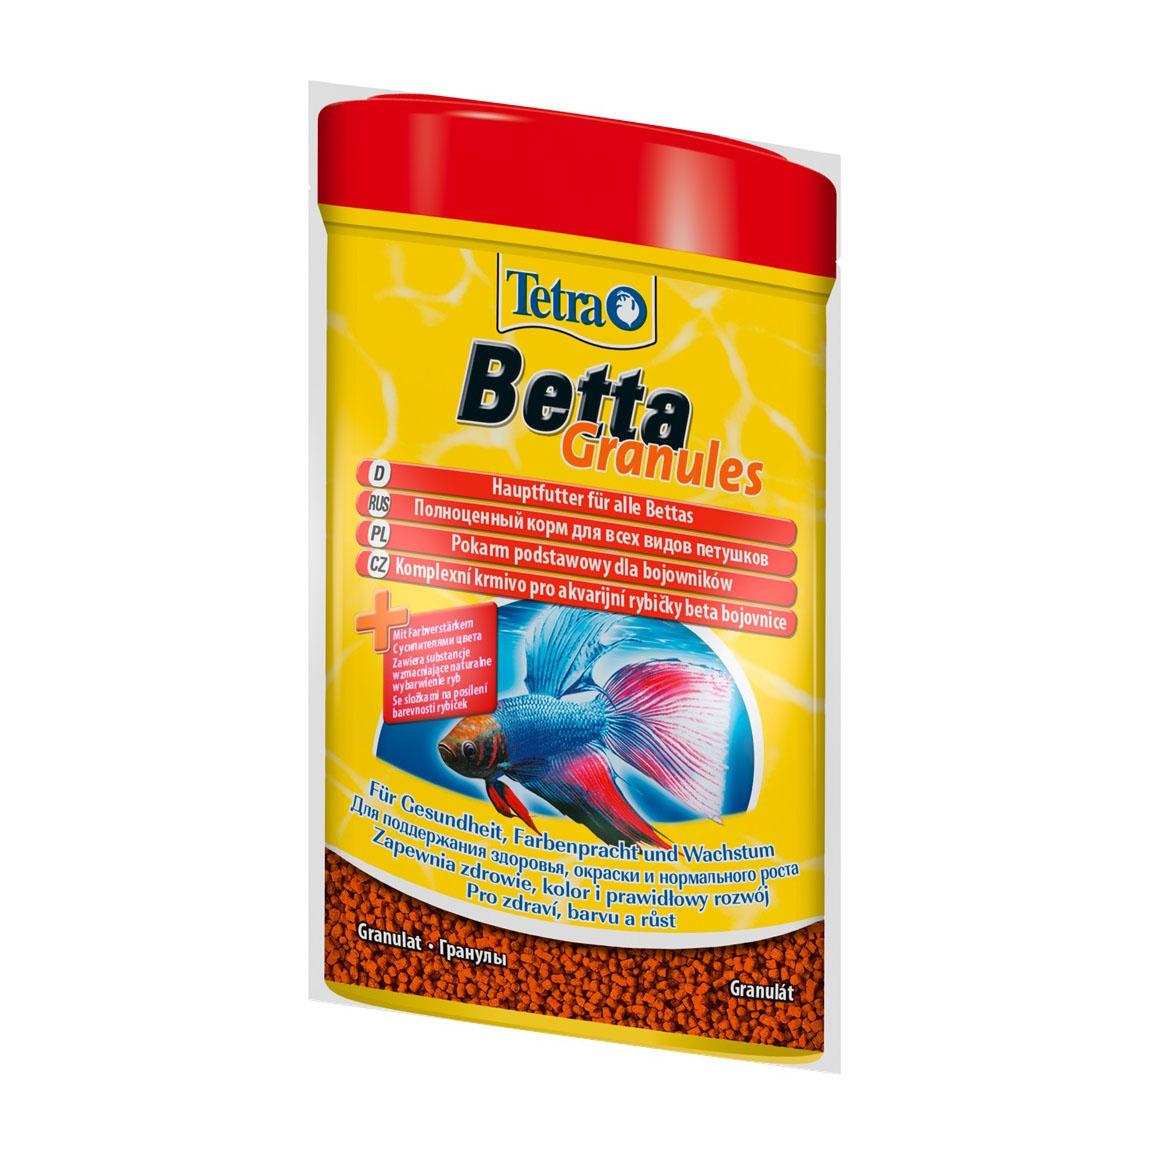 Корм для півників Tetra Betta Granules 5 г гранули